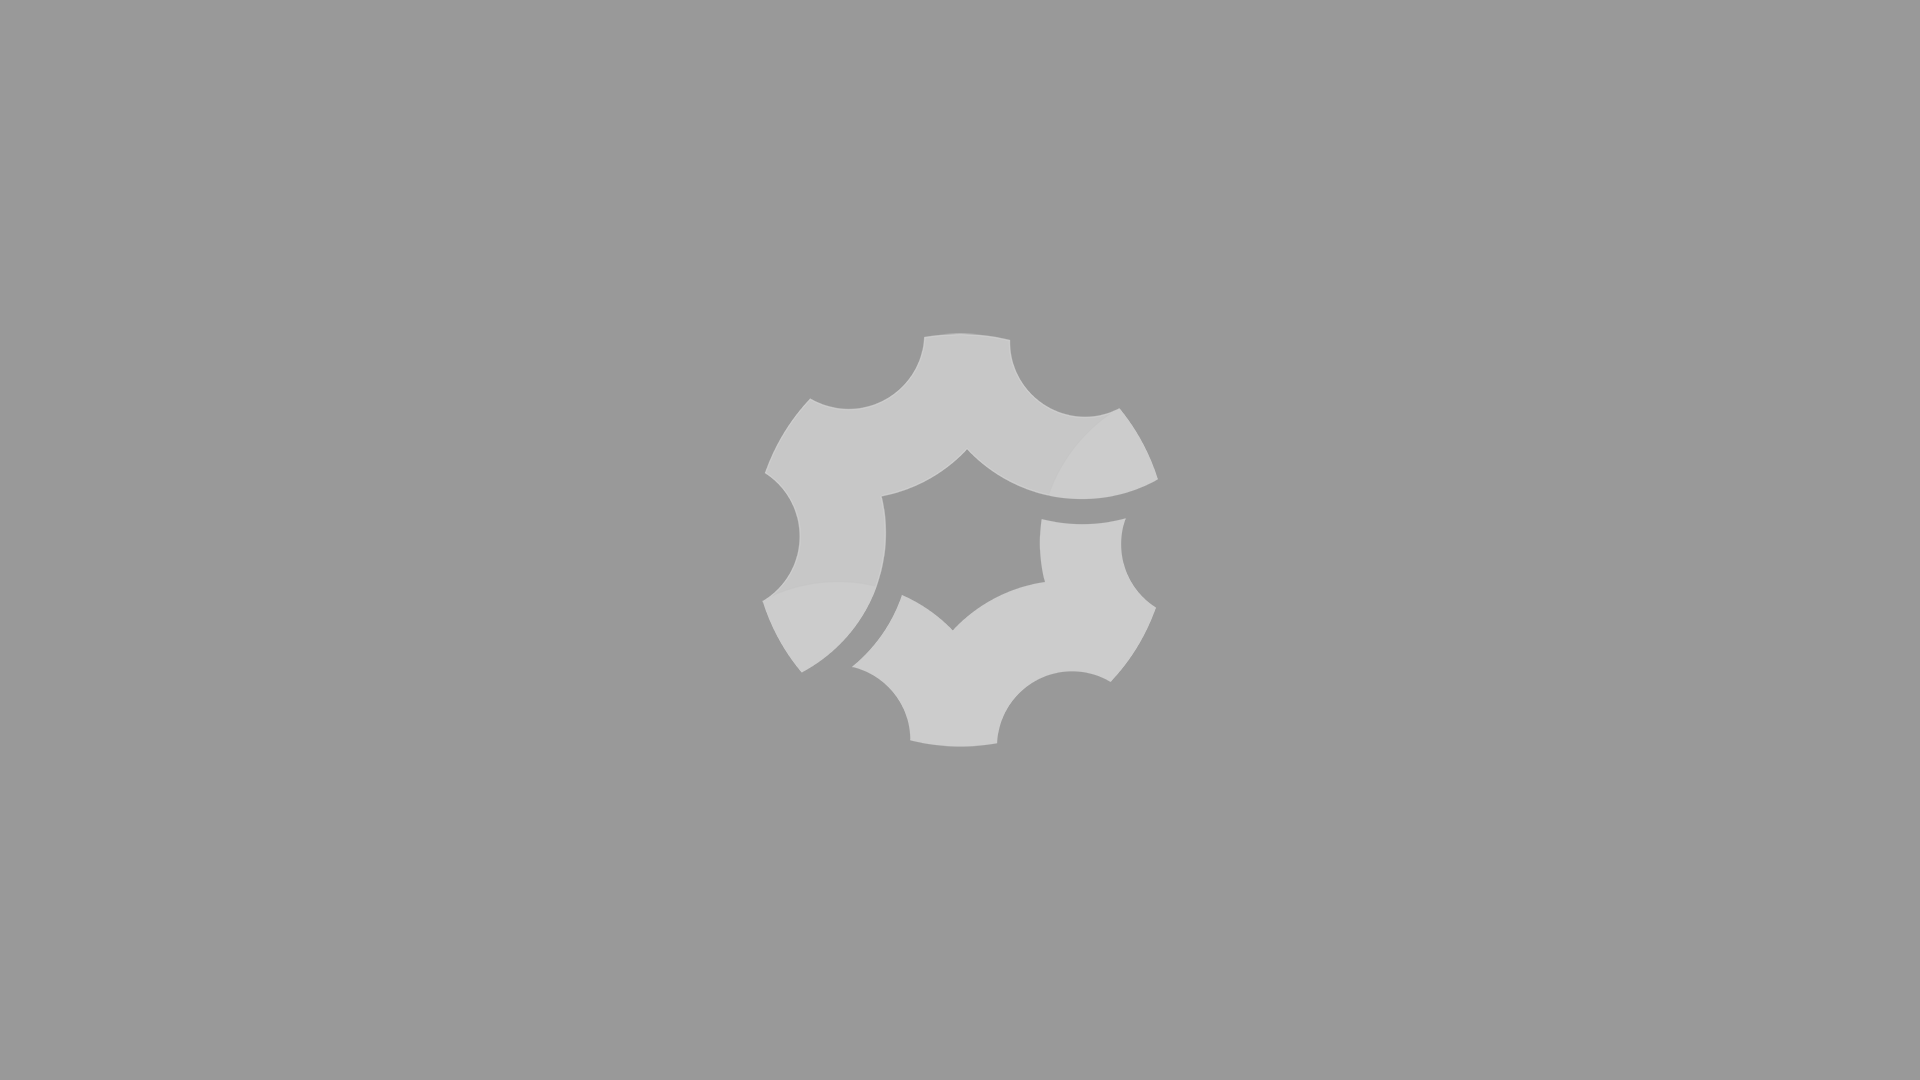 lachie07's Castle Mod [UNSTABLE]